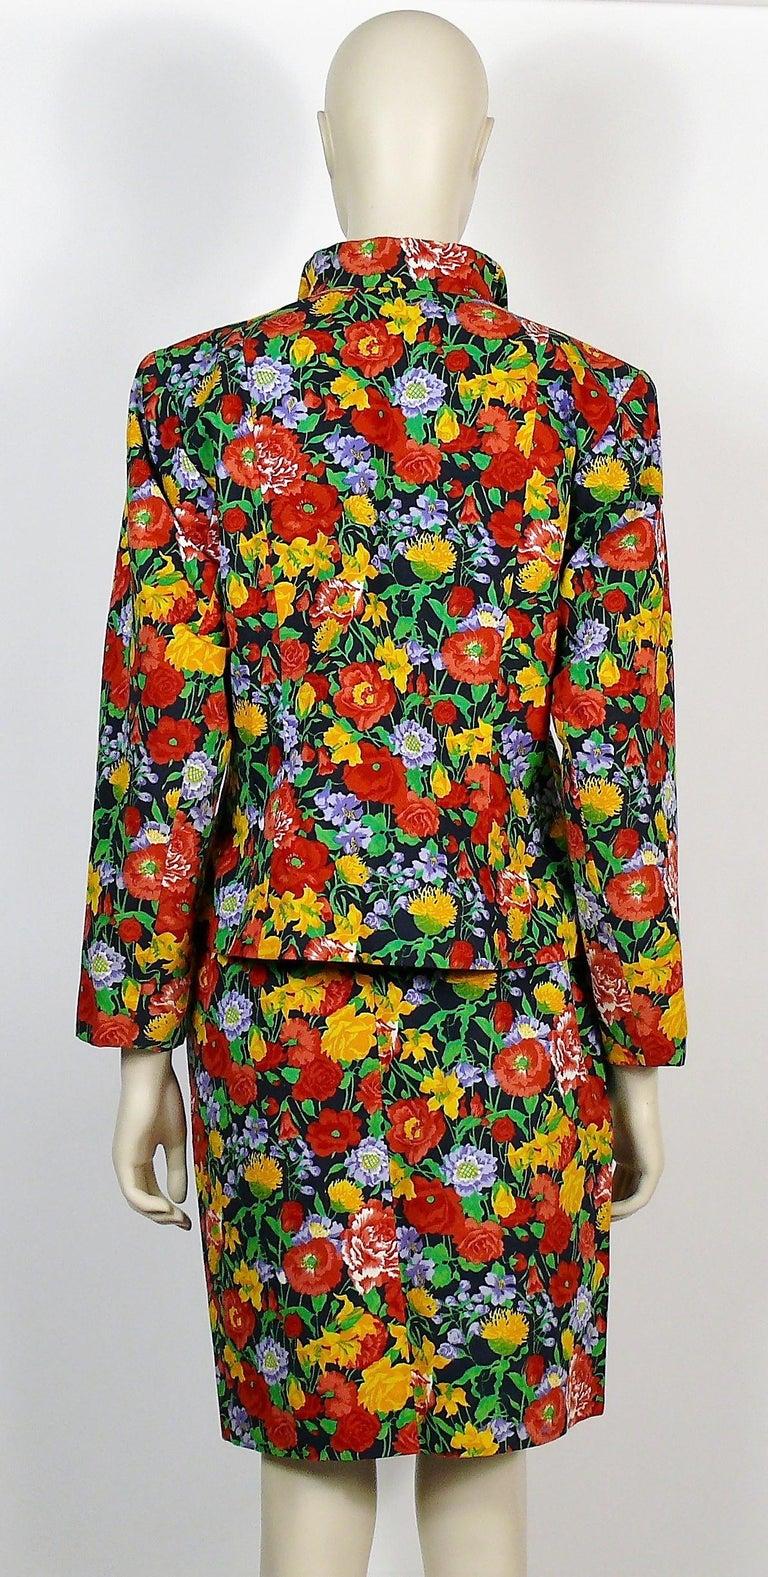 Yves Saint Laurent YSL Vintage Floral Print Skirt Suit Spring/Summer 1992 For Sale 4